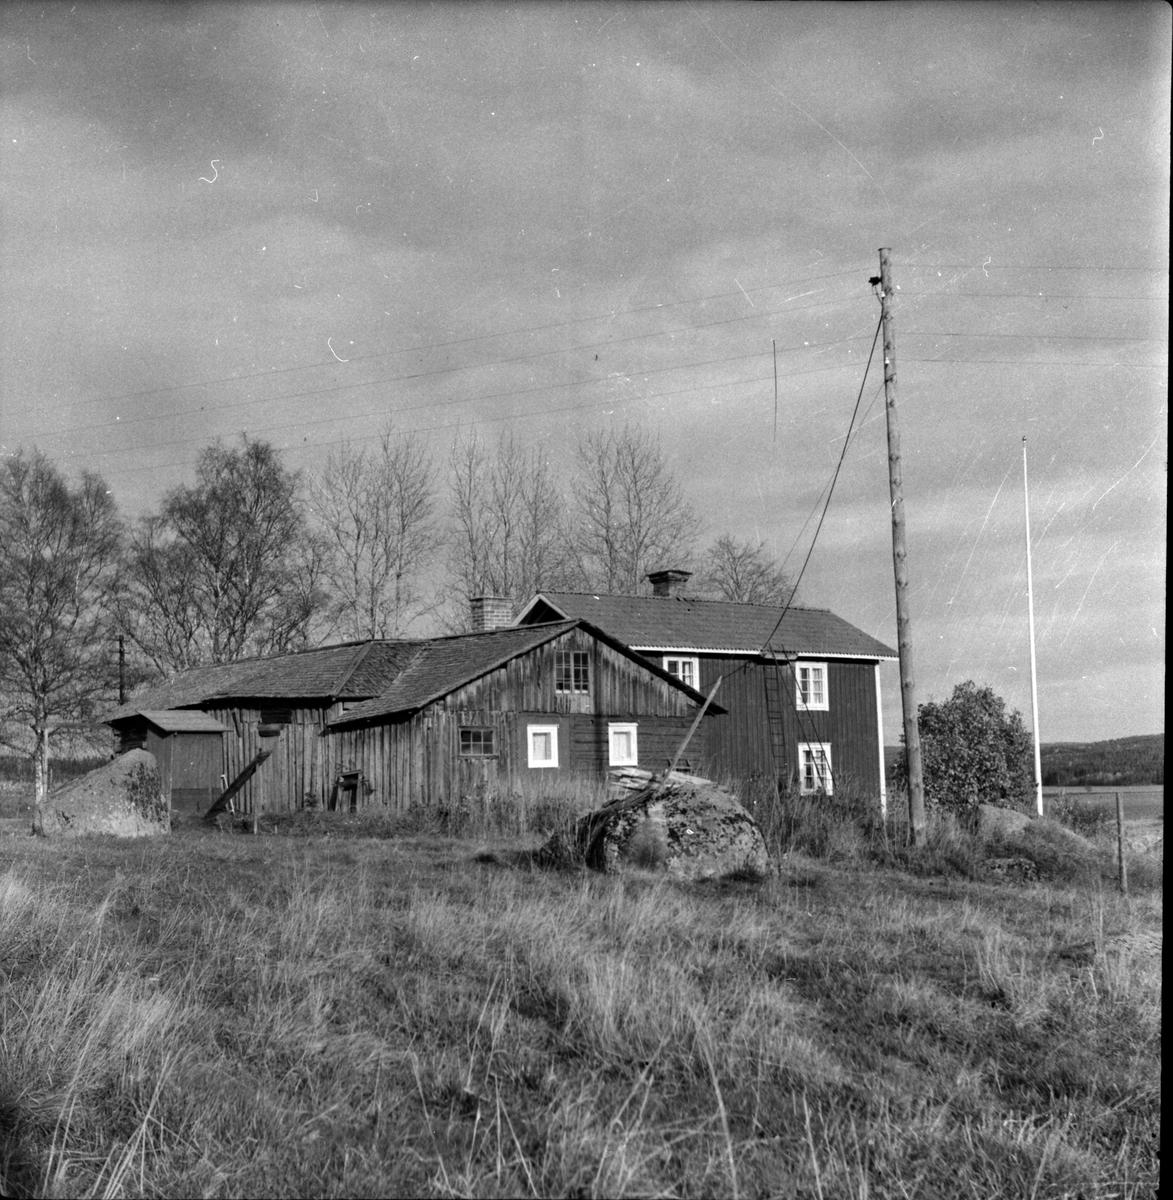 Arbrå, Postm JA Flink, Mars 1968